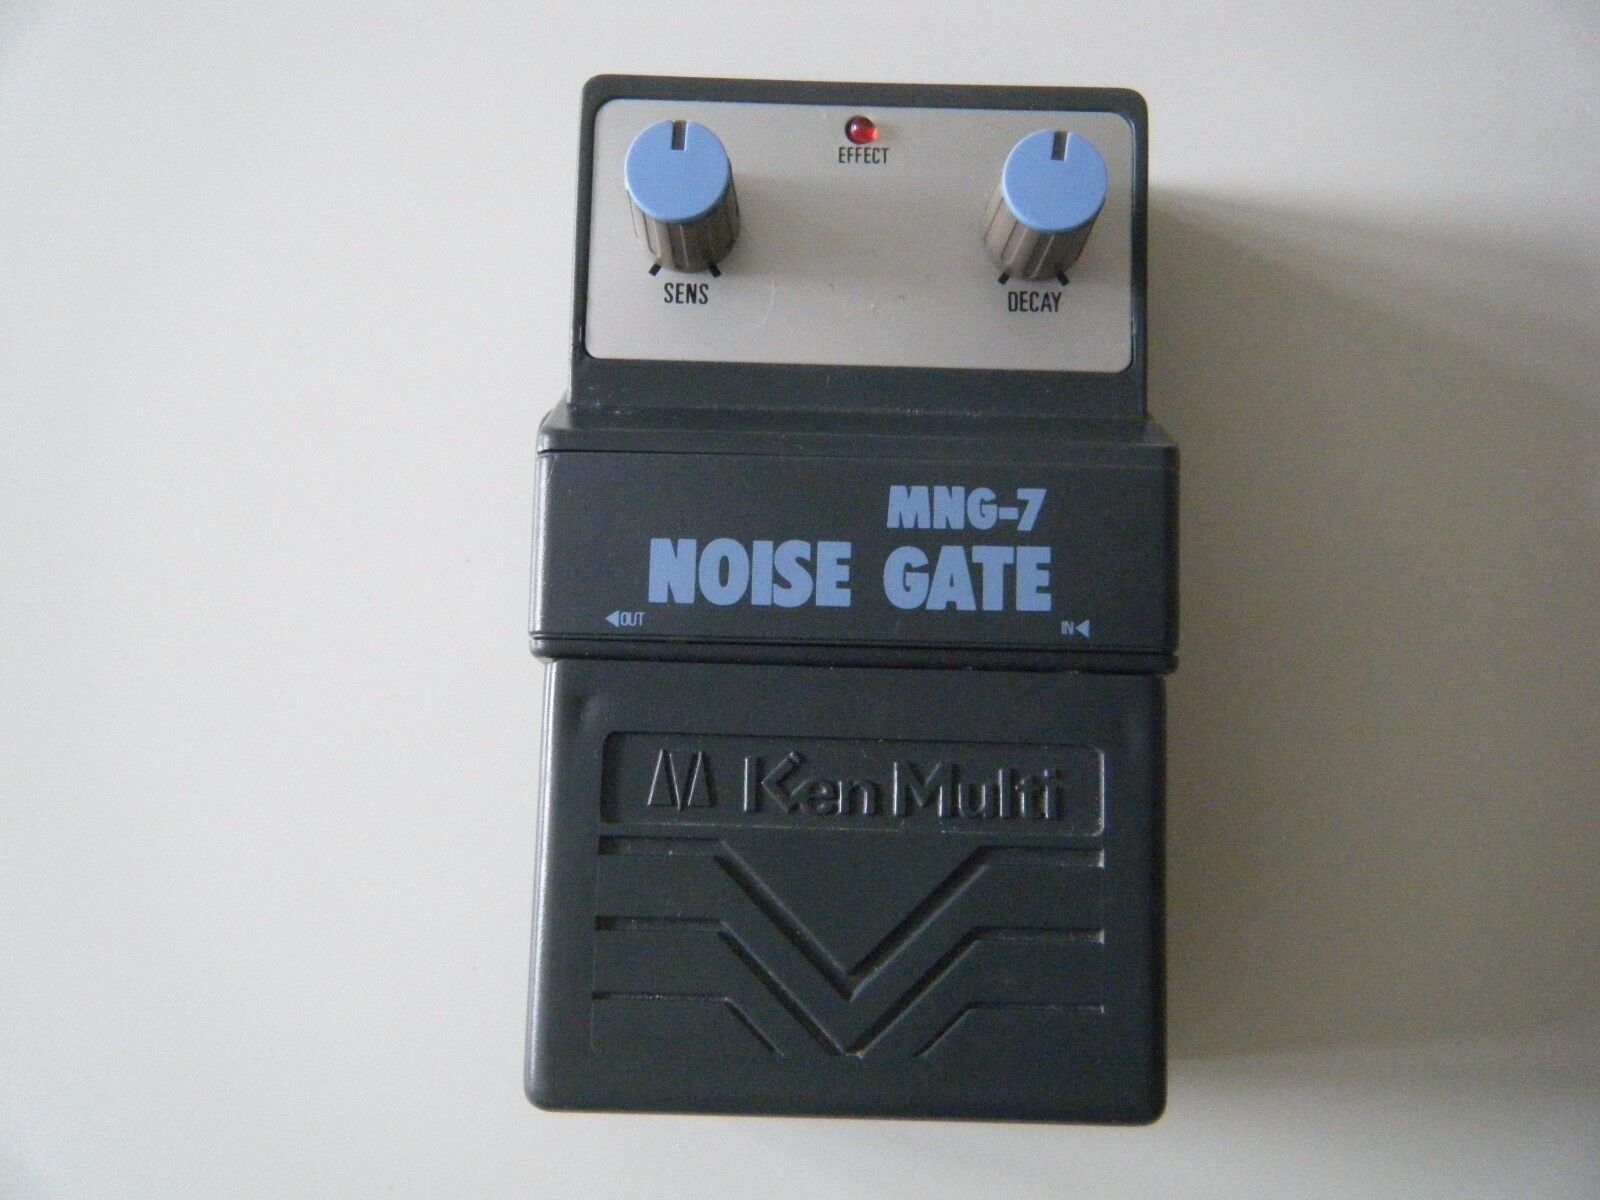 Puerta de ruido KEN MULTI MNG-7 MNG-7 MNG-7 Efectos pedal Hecha en Japón ARION FX Vintage Década de 1980  en venta en línea